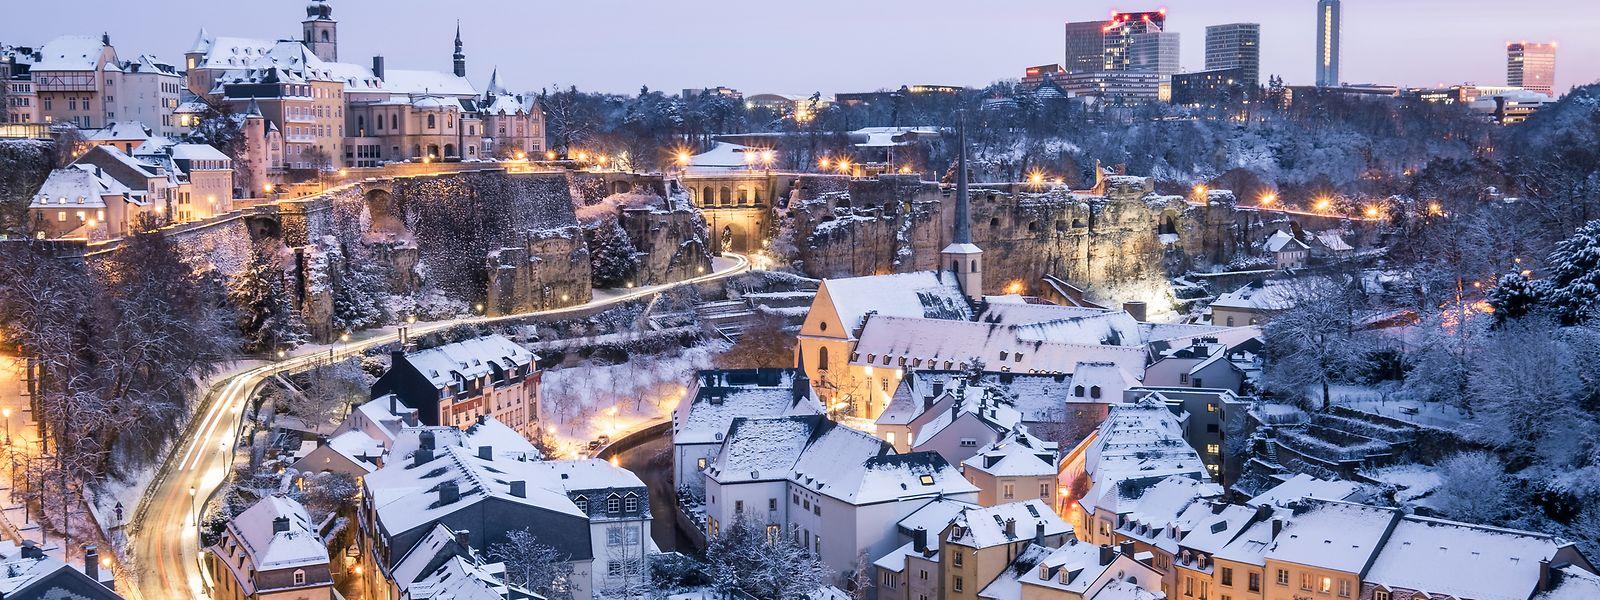 Die Hauptstadt unter einer Schneedecke.